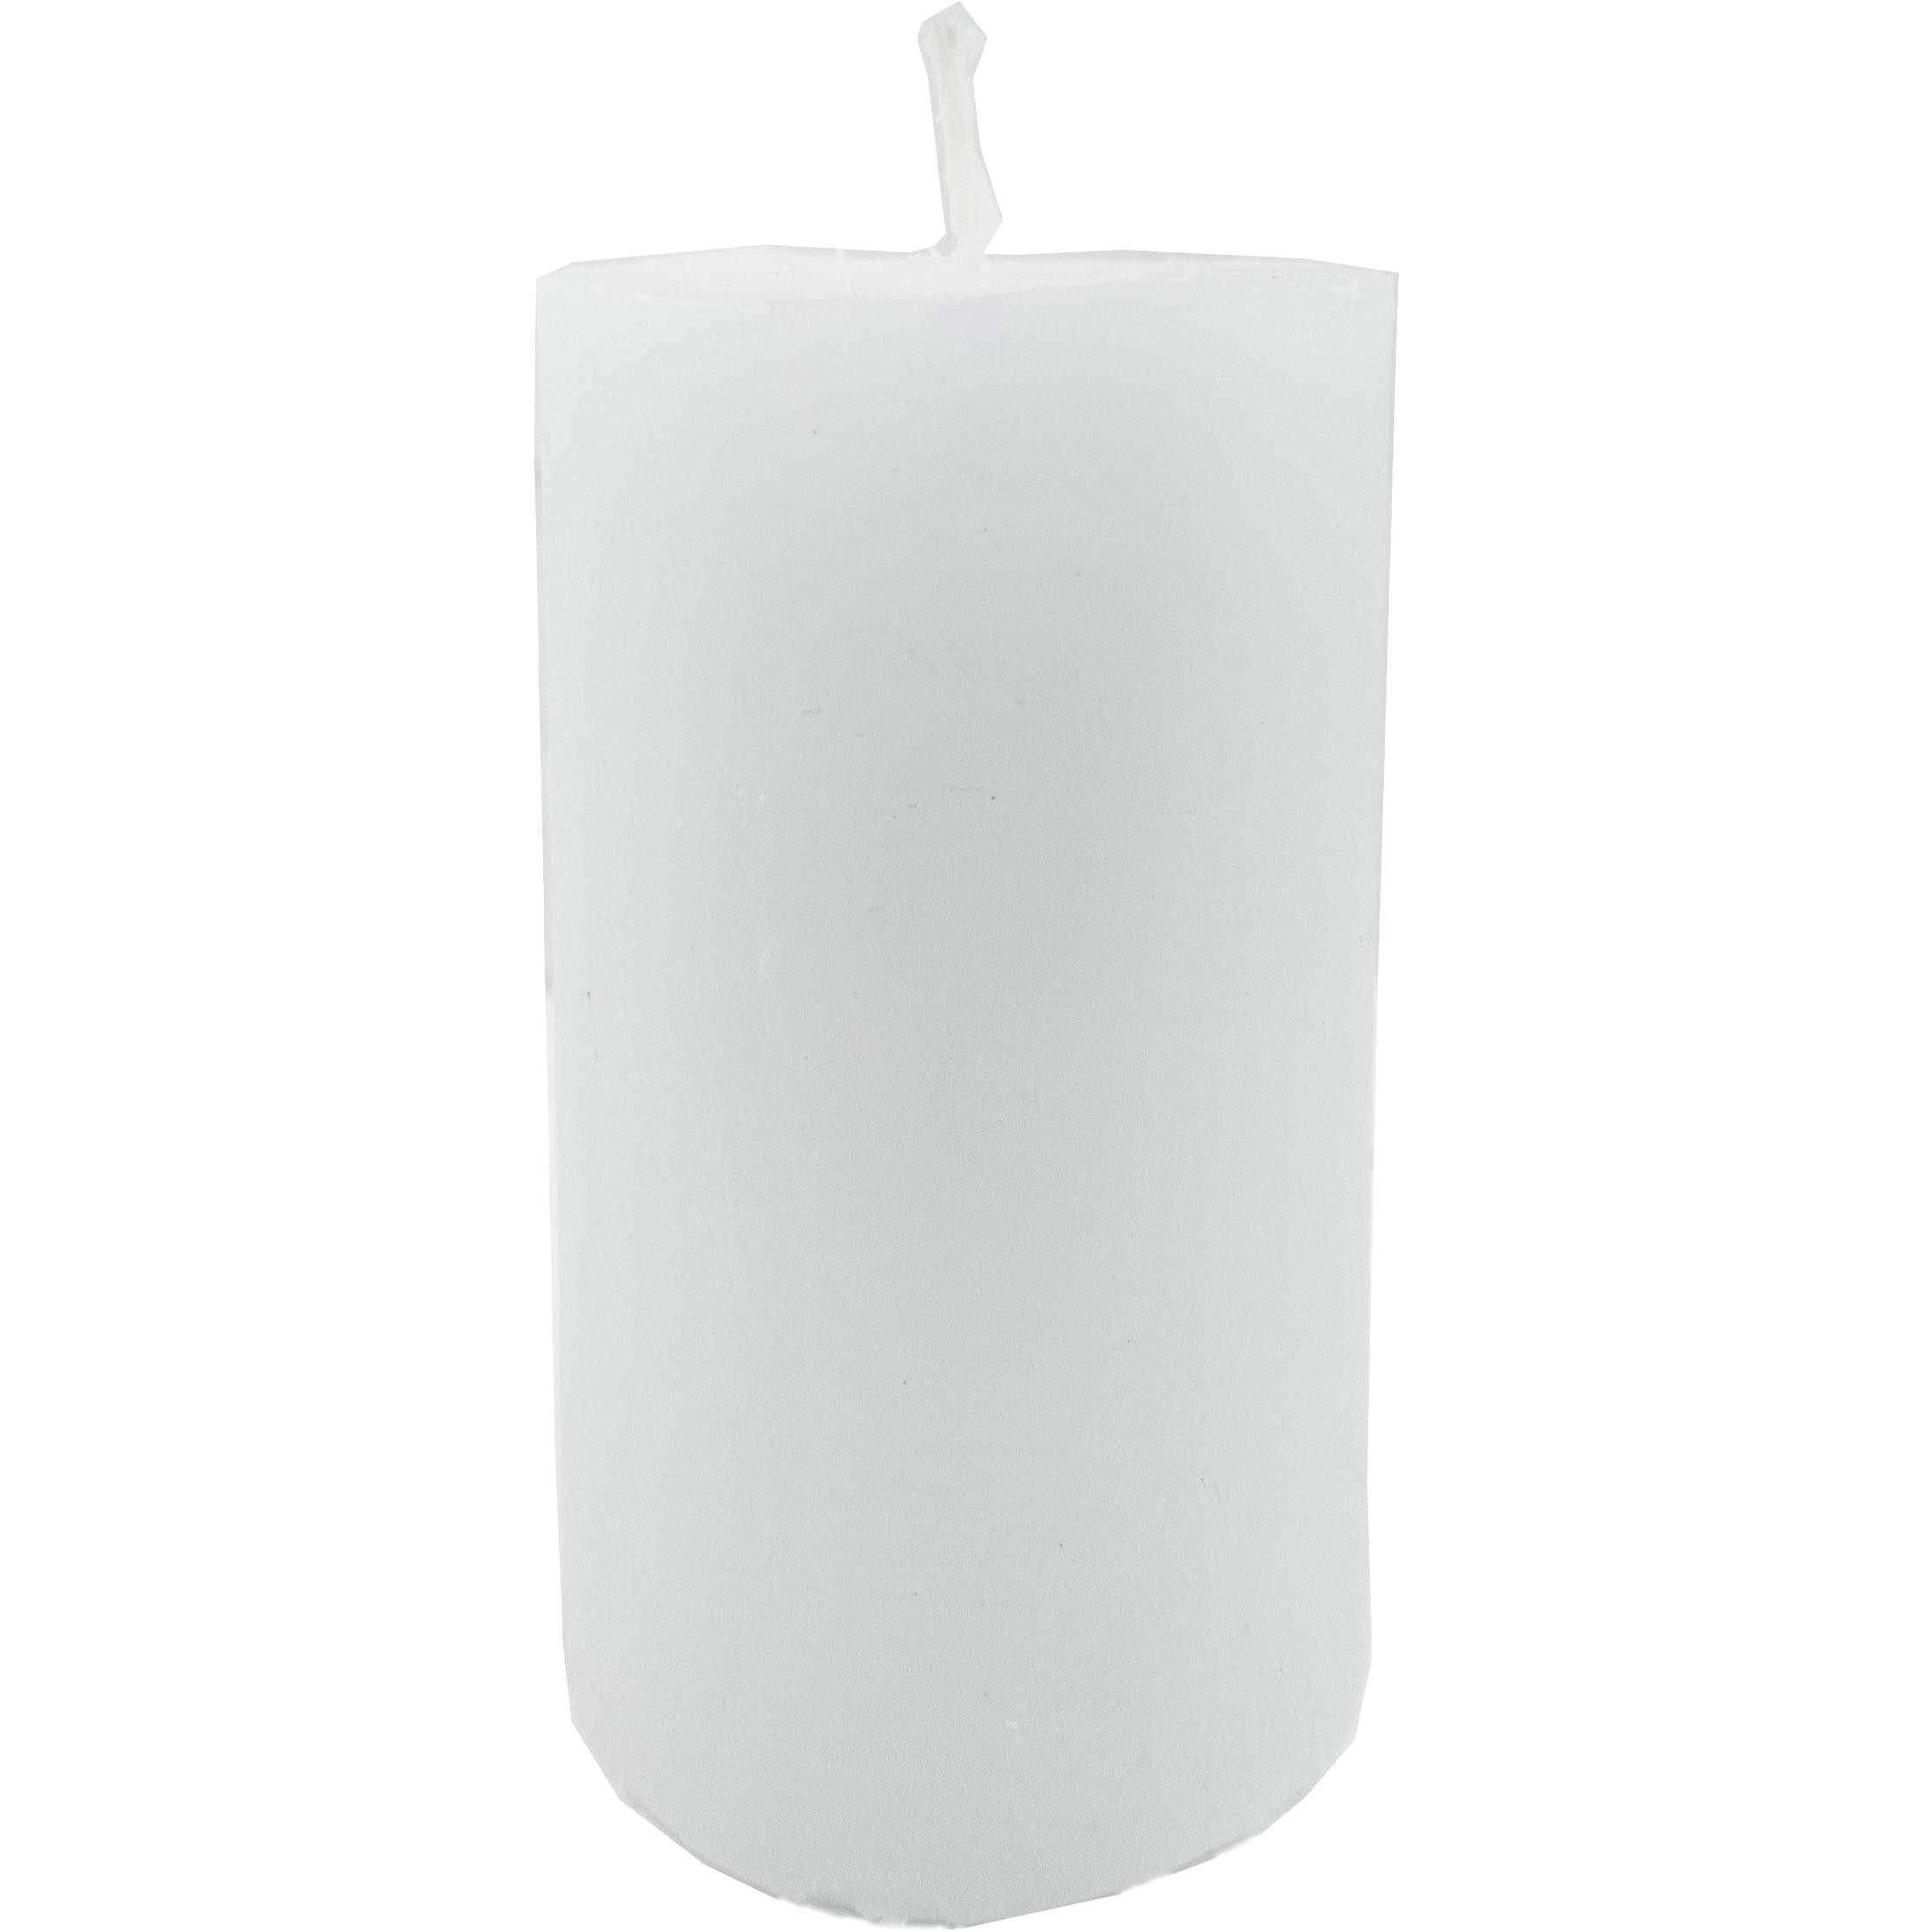 شمع مدل استوانه ای 100110